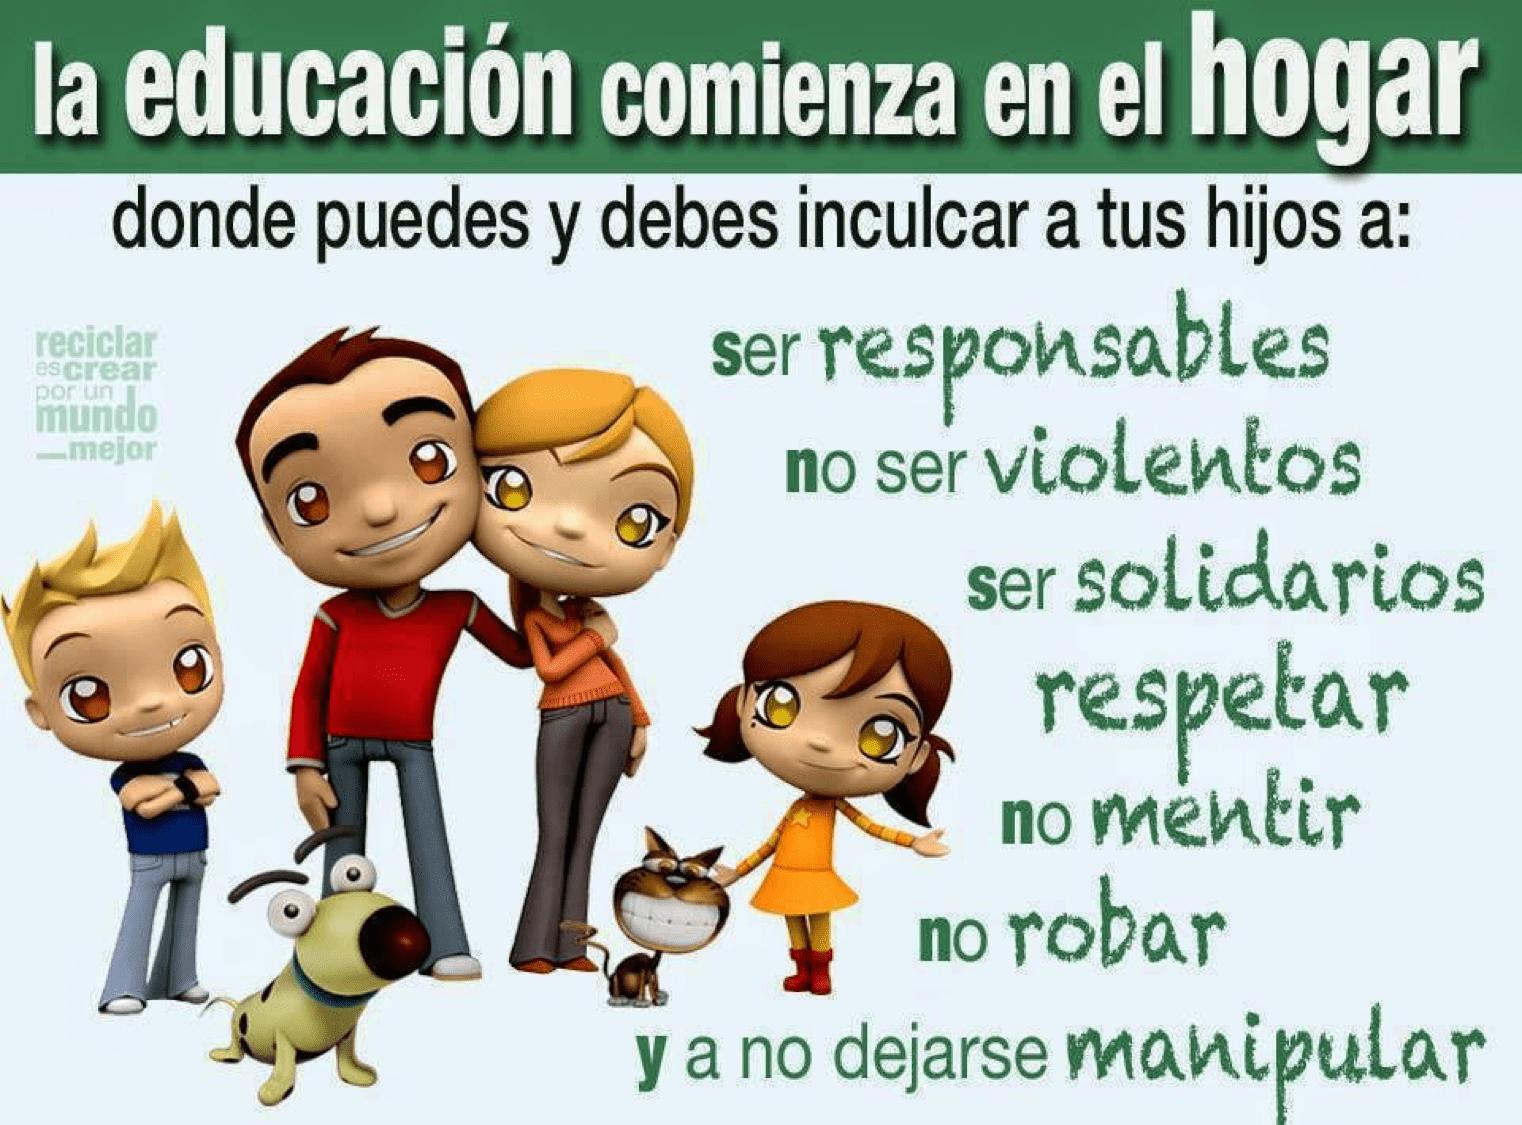 Padres Recuerden Que La Buena Educación Y La Formación En Valores Vienen De Casa